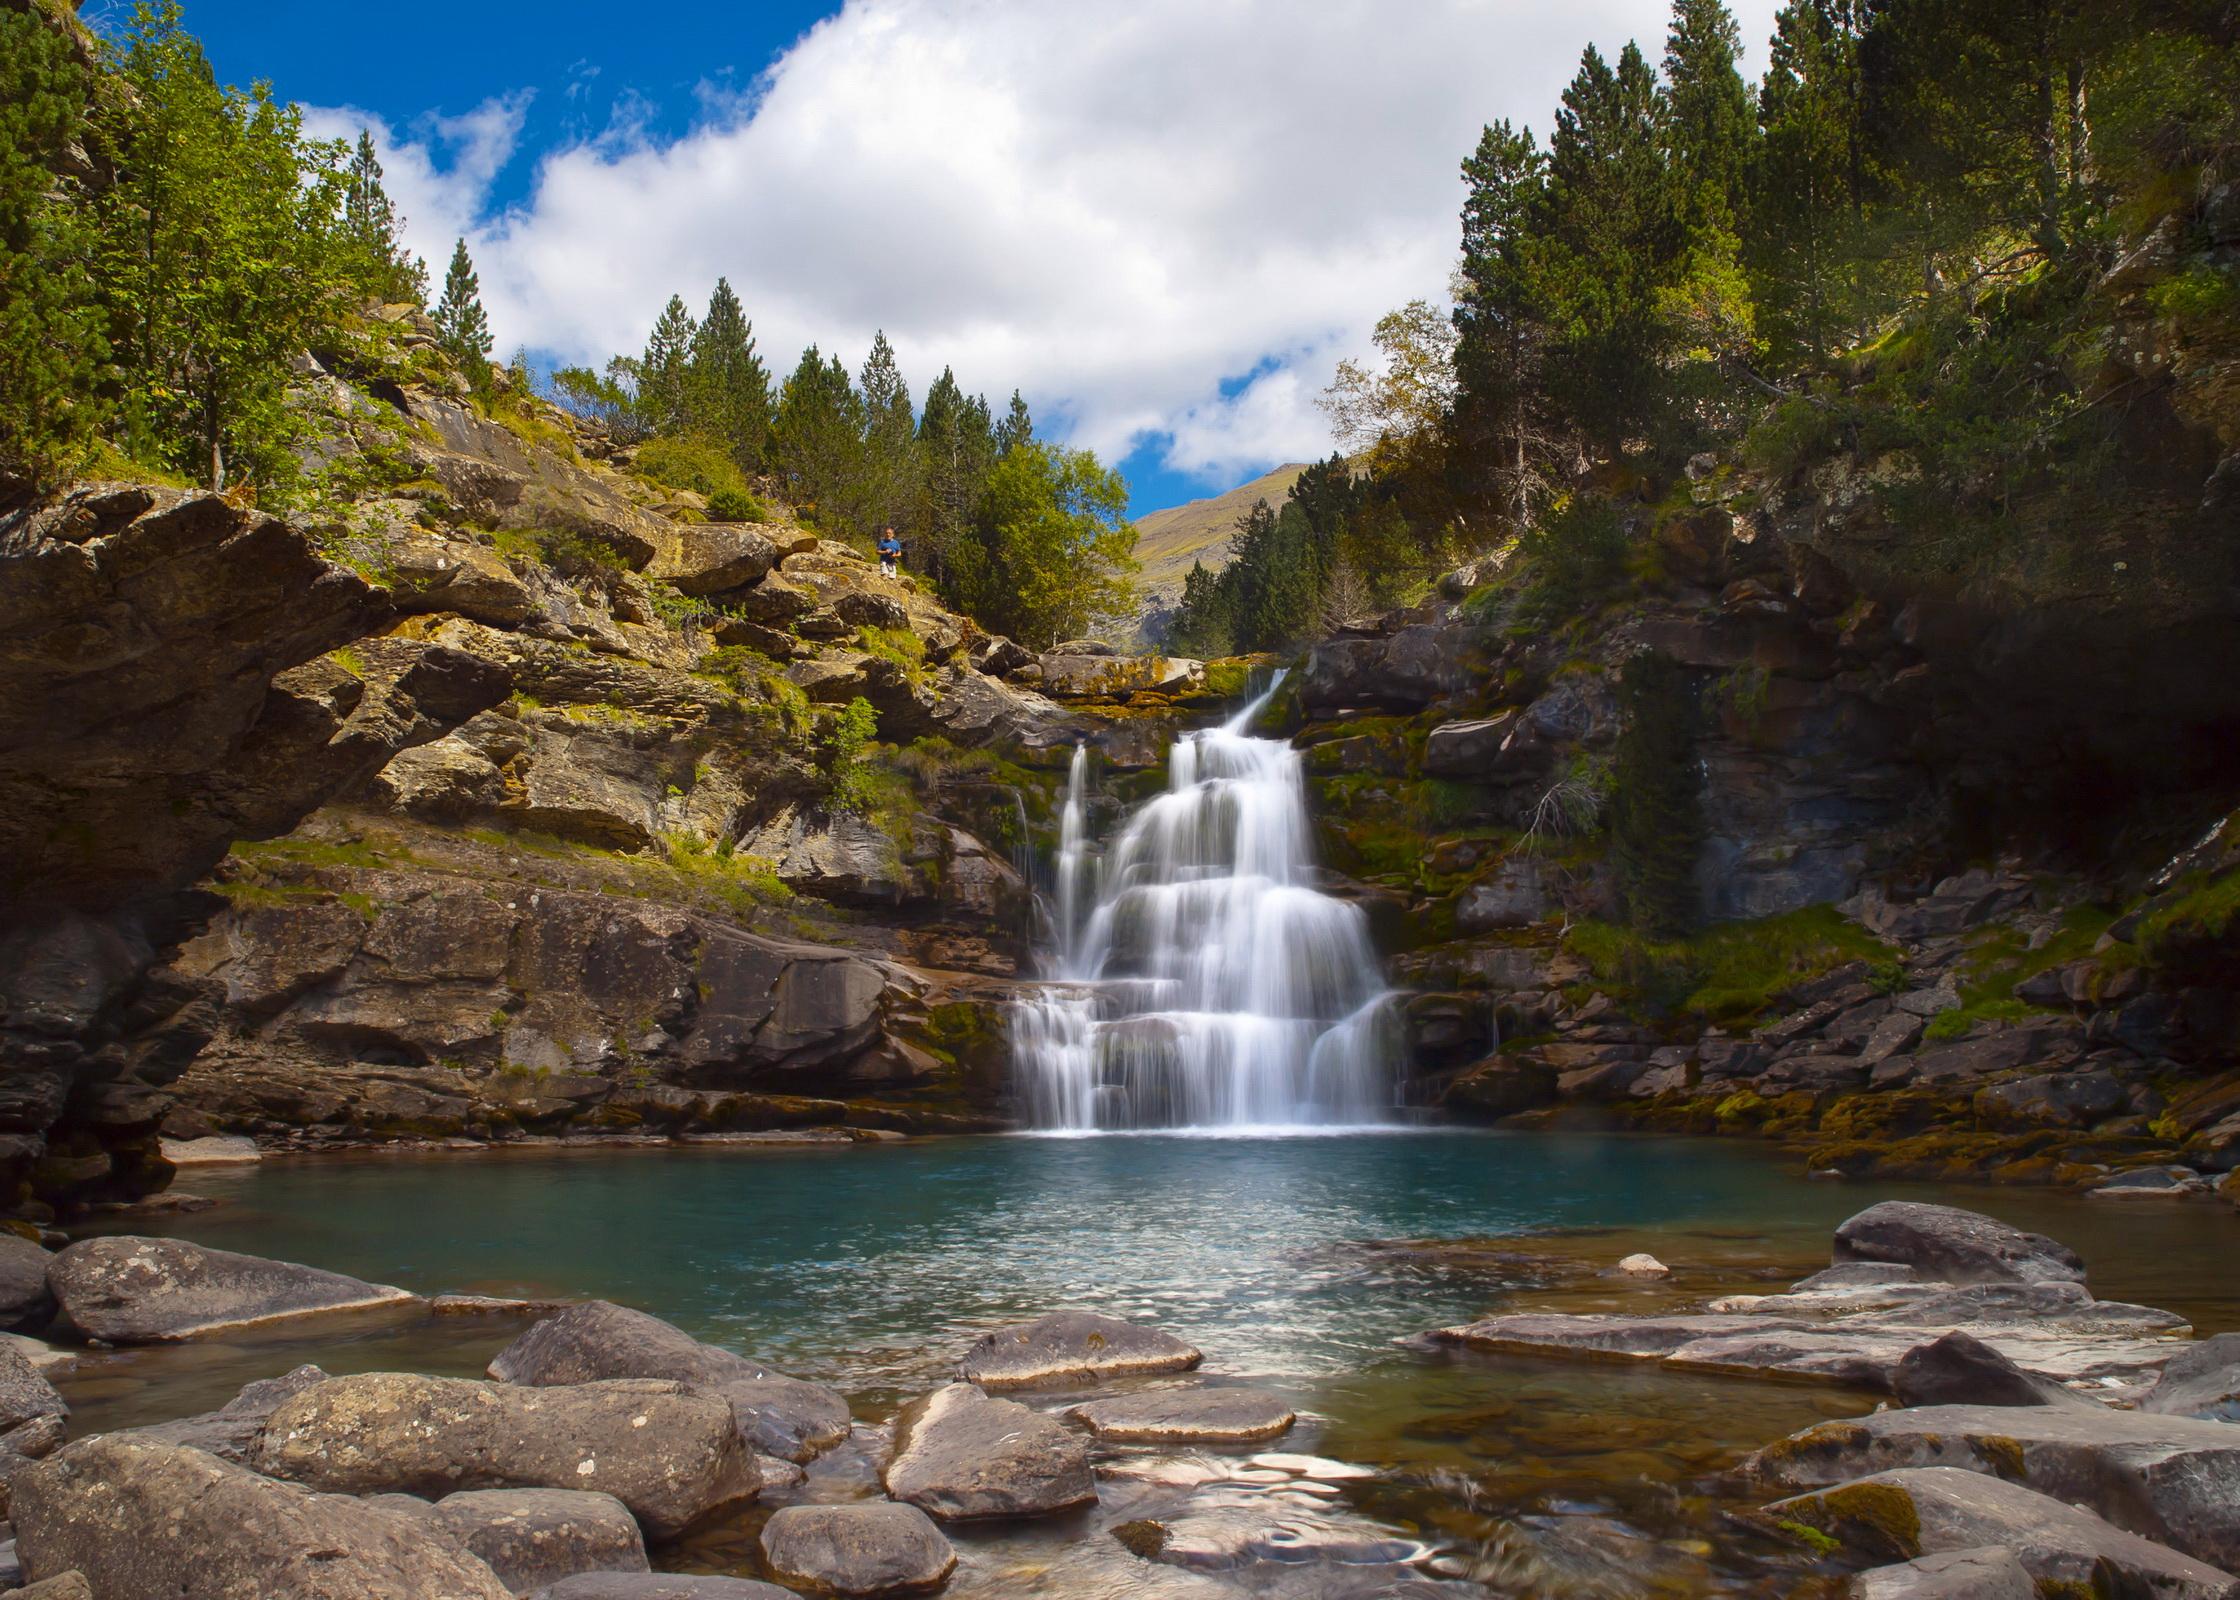 природа река деревья водопад небо облака скачать